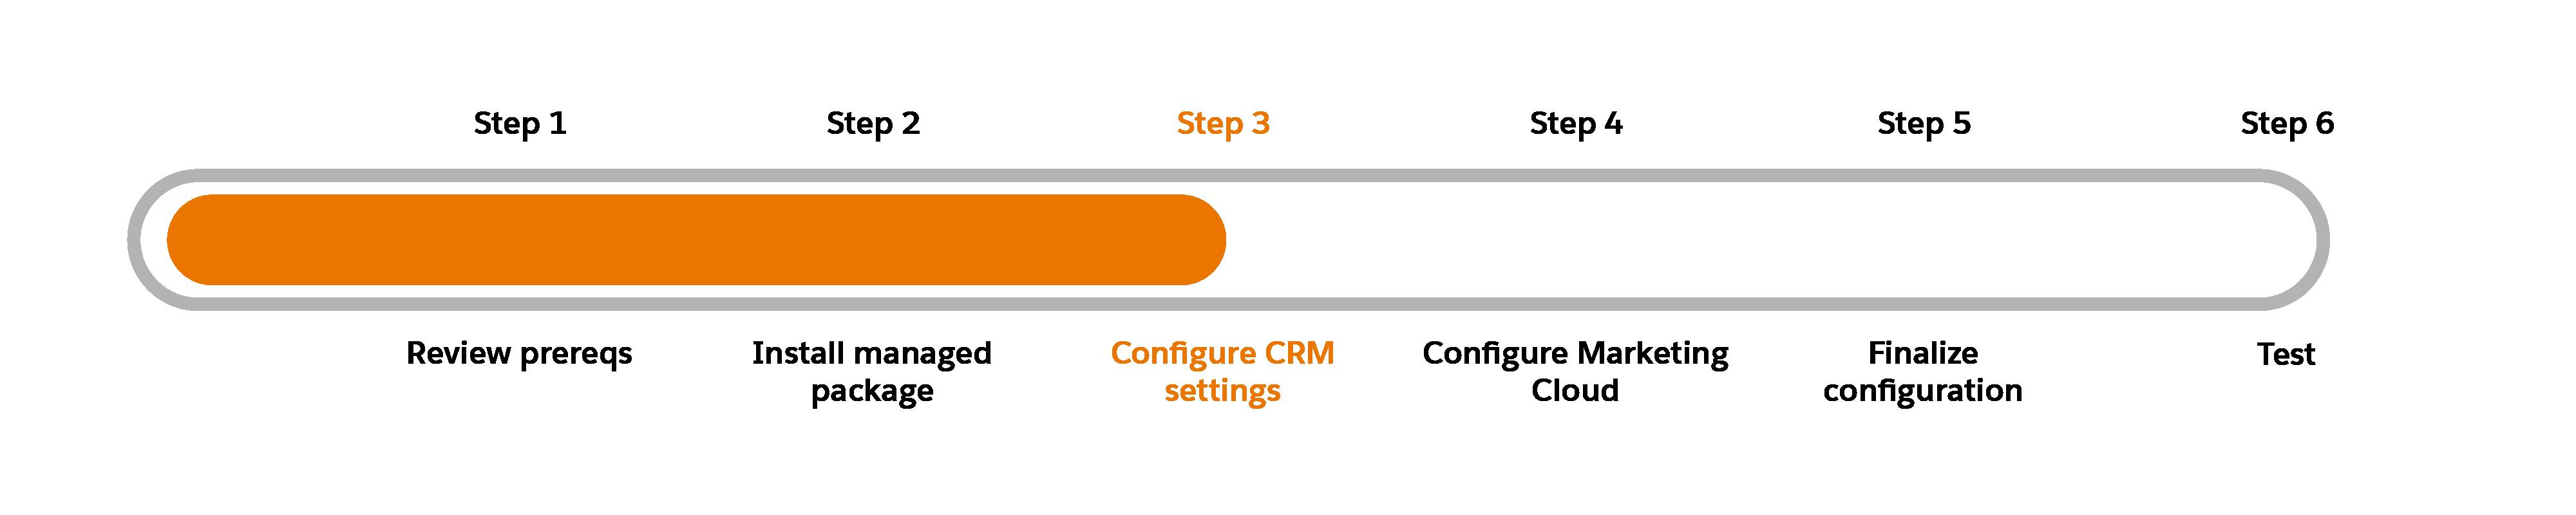 Fortschrittsdiagramm mit Schritt 3: Konfigurieren von CRM-Einstellungen hervorgehoben.